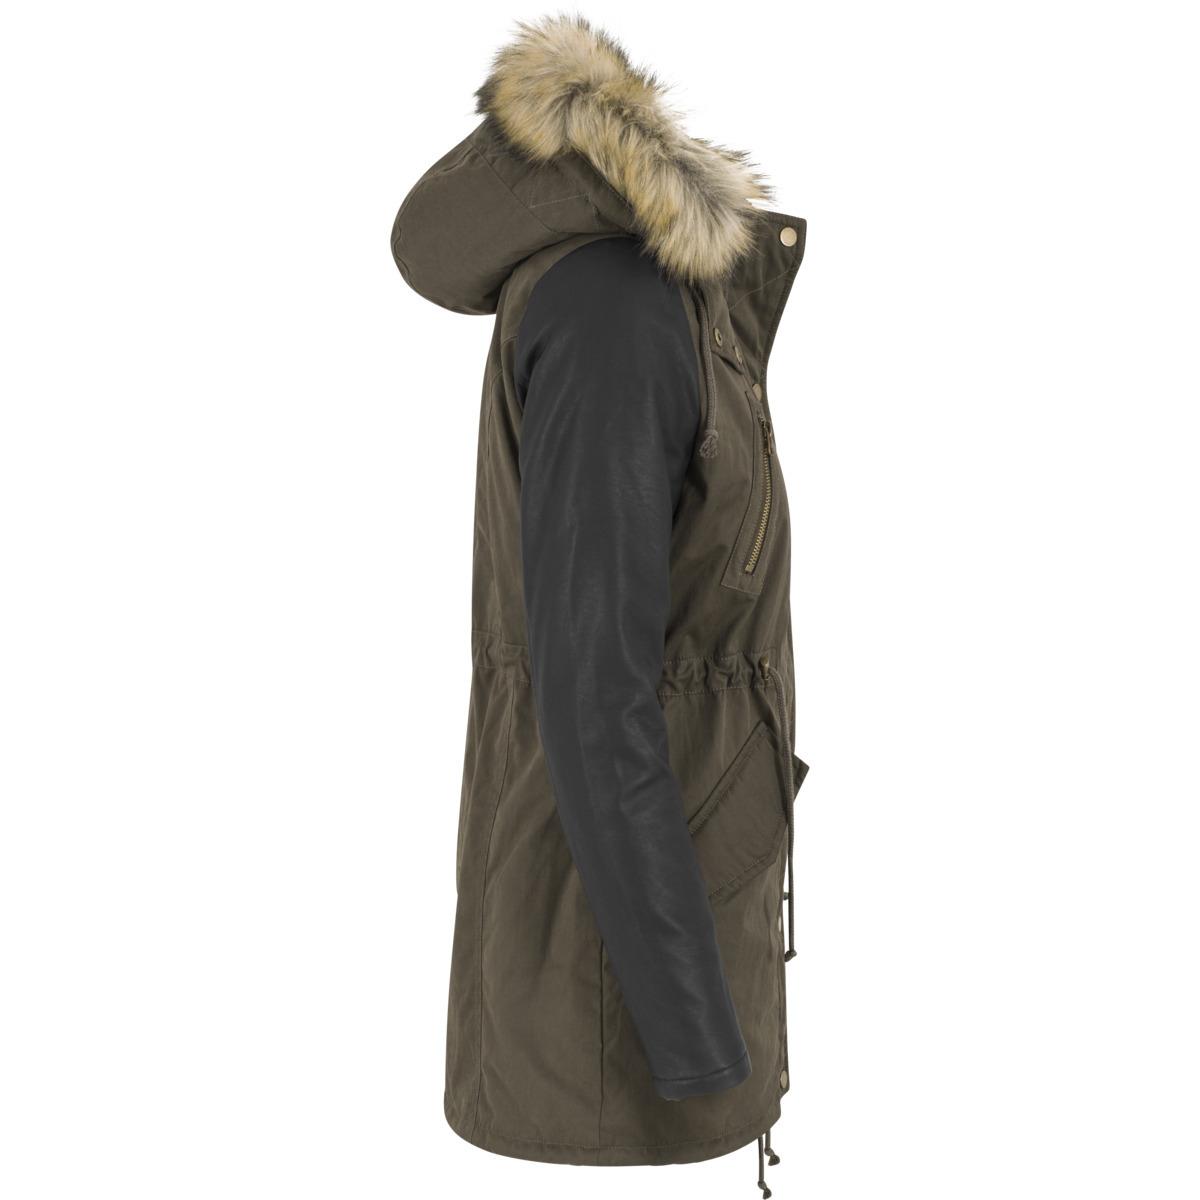 Parka – toiminnallinen takki arkeen tai seikkailuun